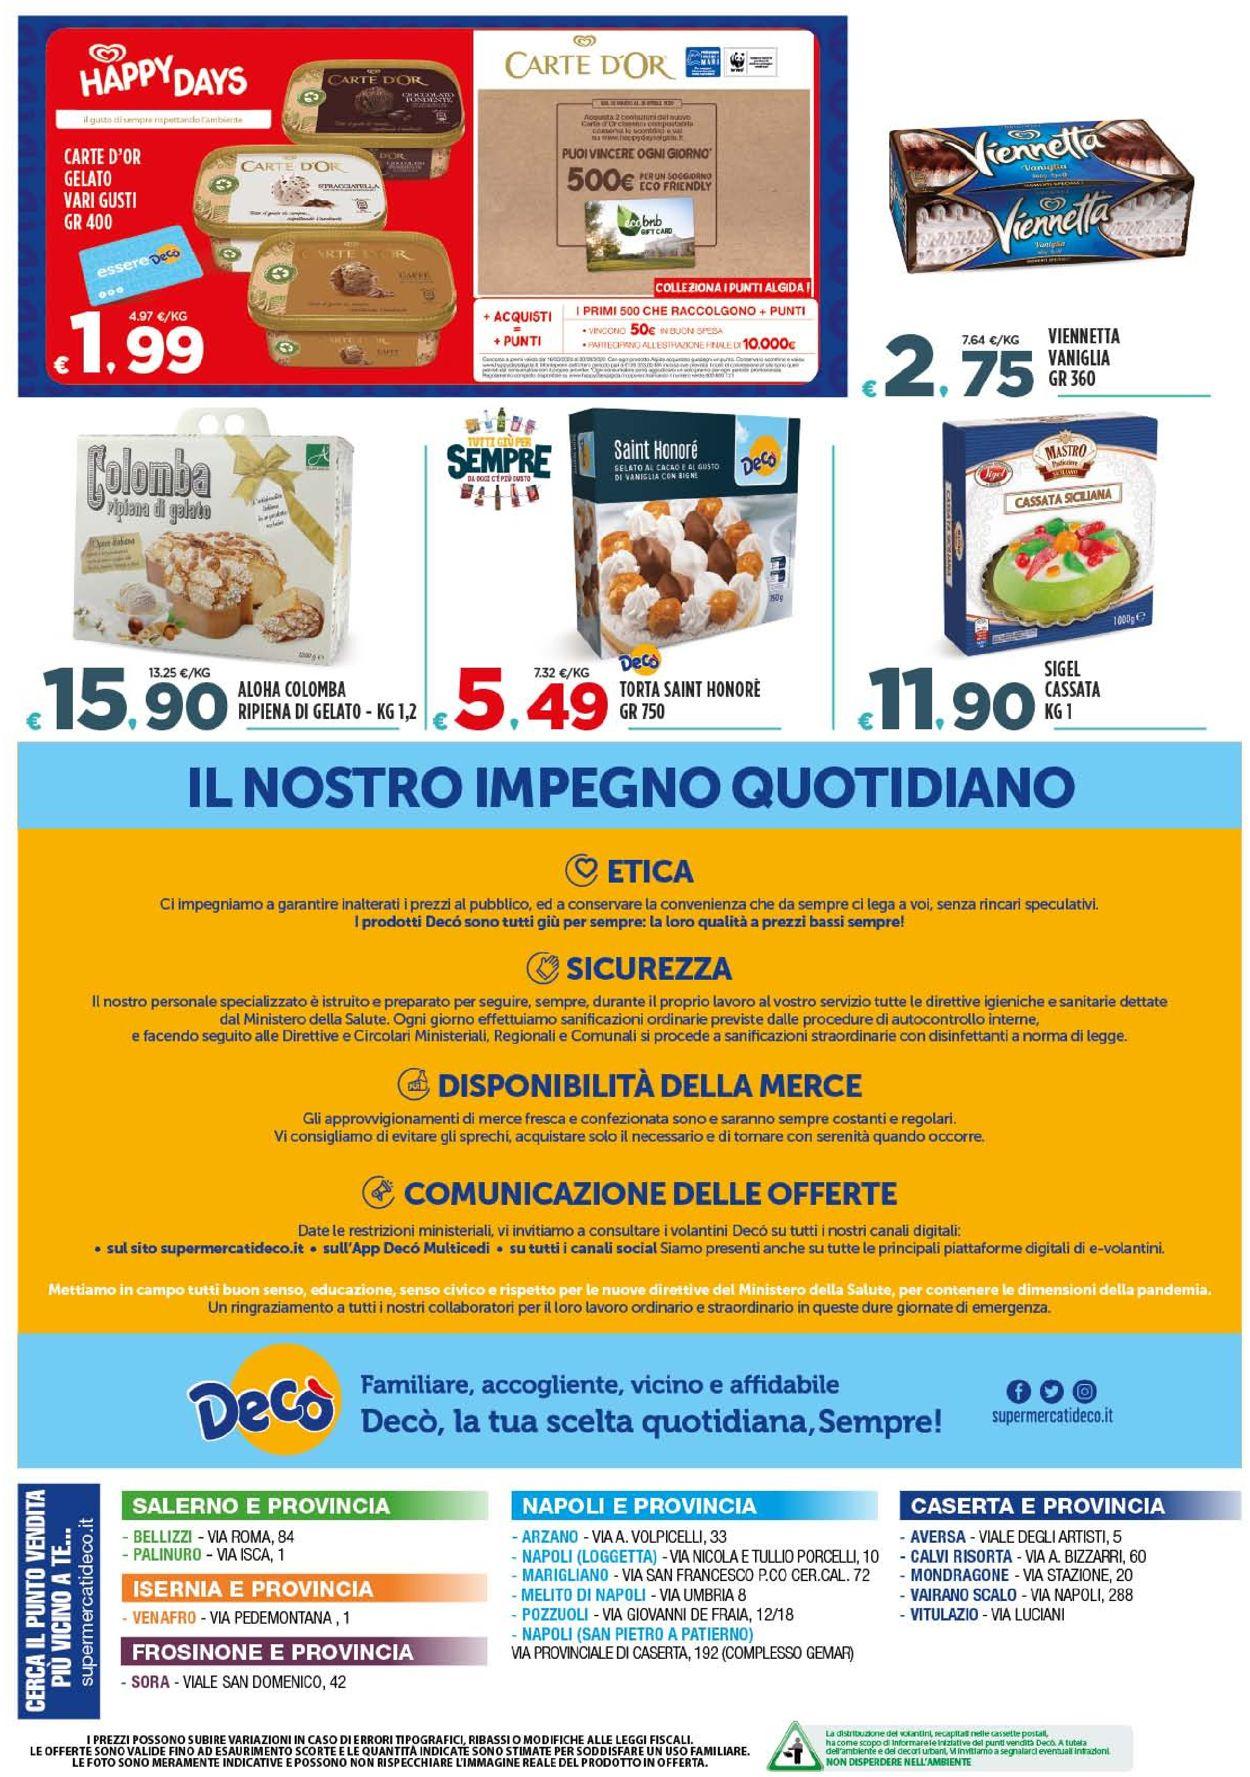 Volantino Deco - Offerte 31/03-23/04/2020 (Pagina 8)